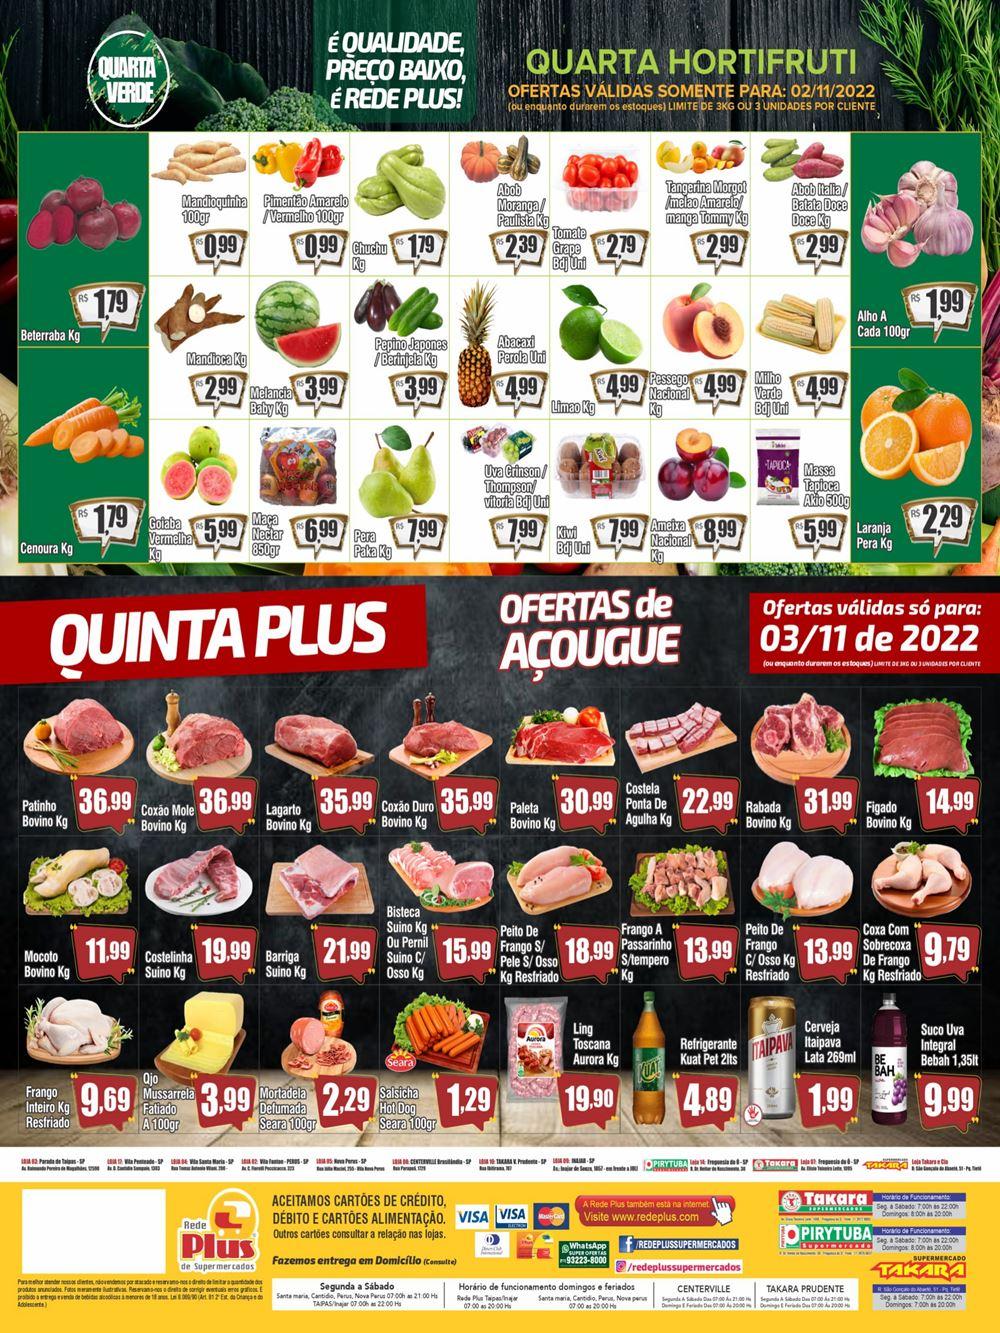 redeplustakara-ofertas-descontos-hoje2-44 Rede Plus até 18/01